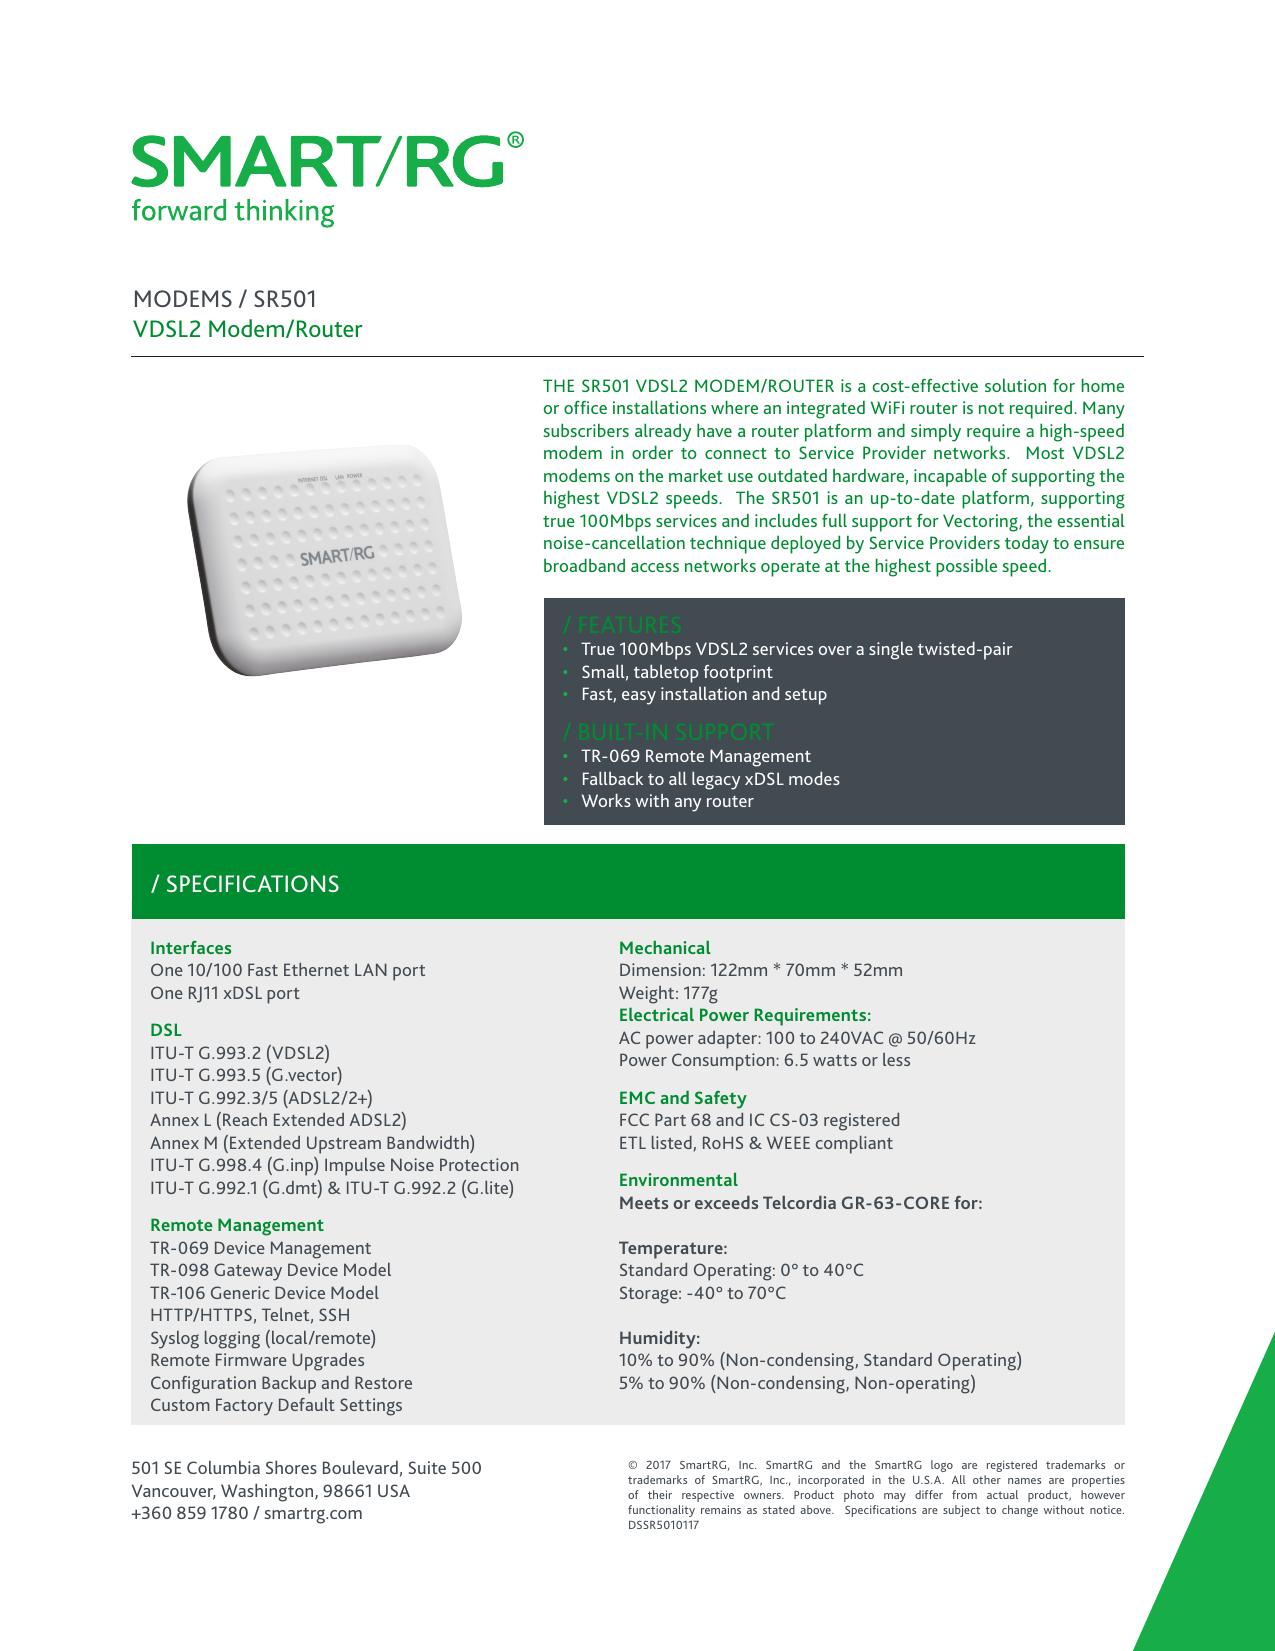 SPECIFICATIONS MODEMS / SR501 VDSL2 Modem | manualzz com